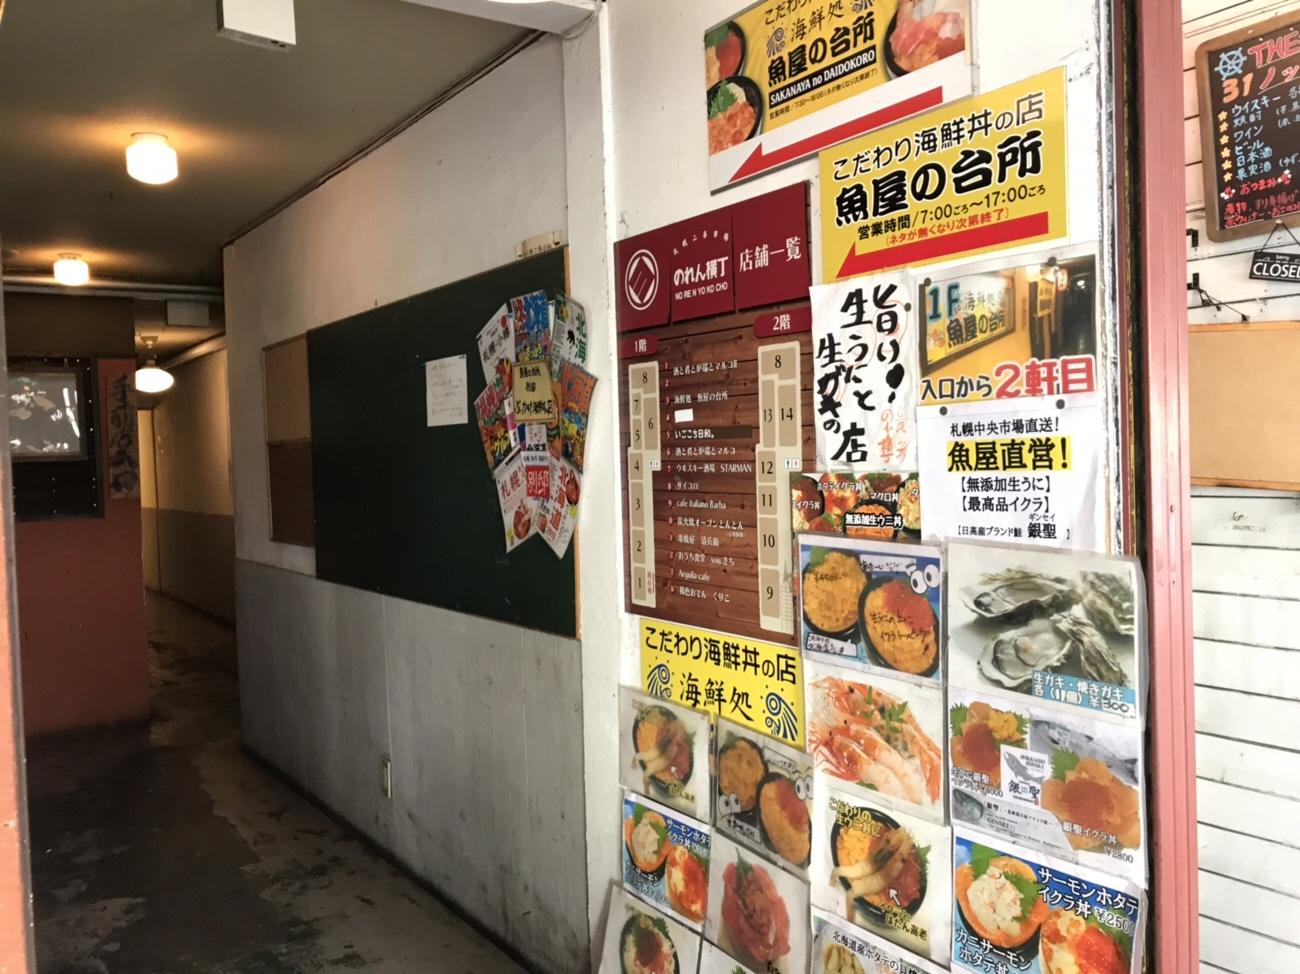 海鮮丼が美味しい 魚屋の台所 二条市場